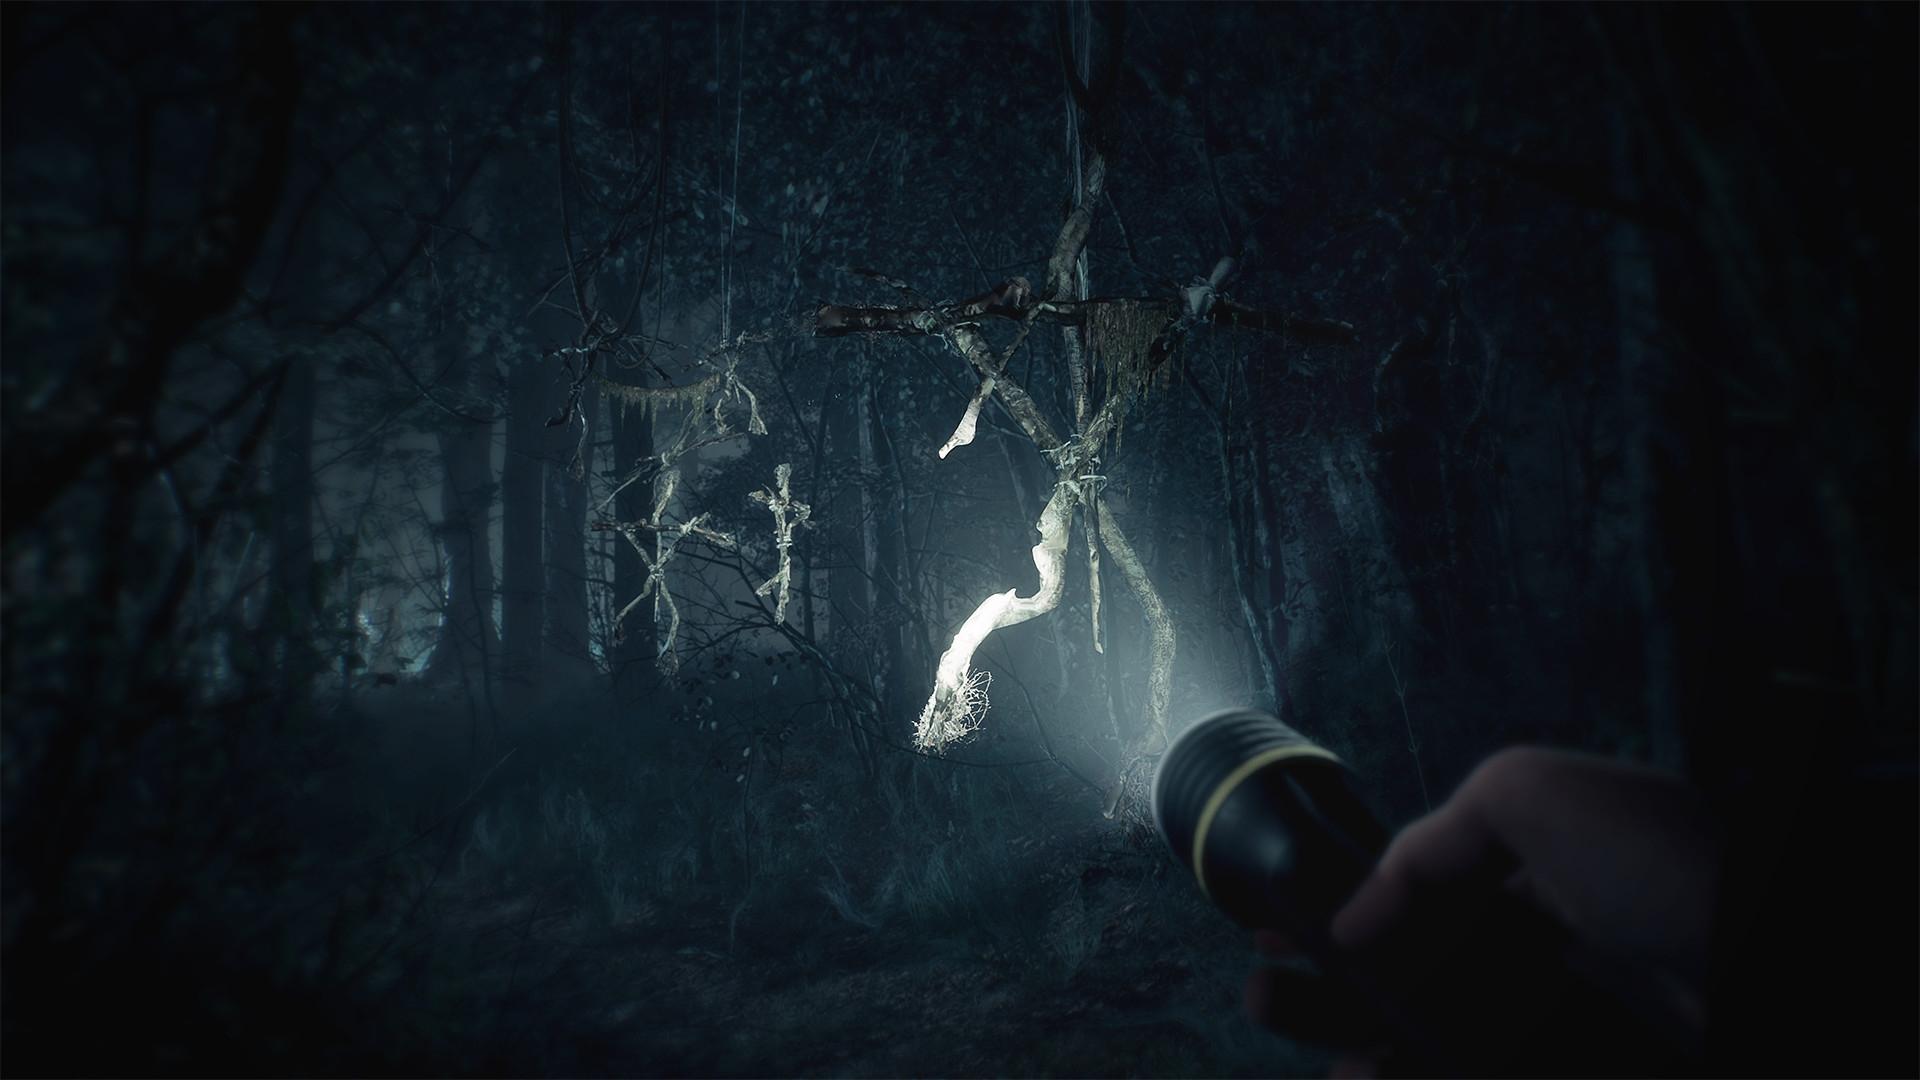 Появился геймплейный трейлер игры помотивам ужастика «Ведьма изБлэр»